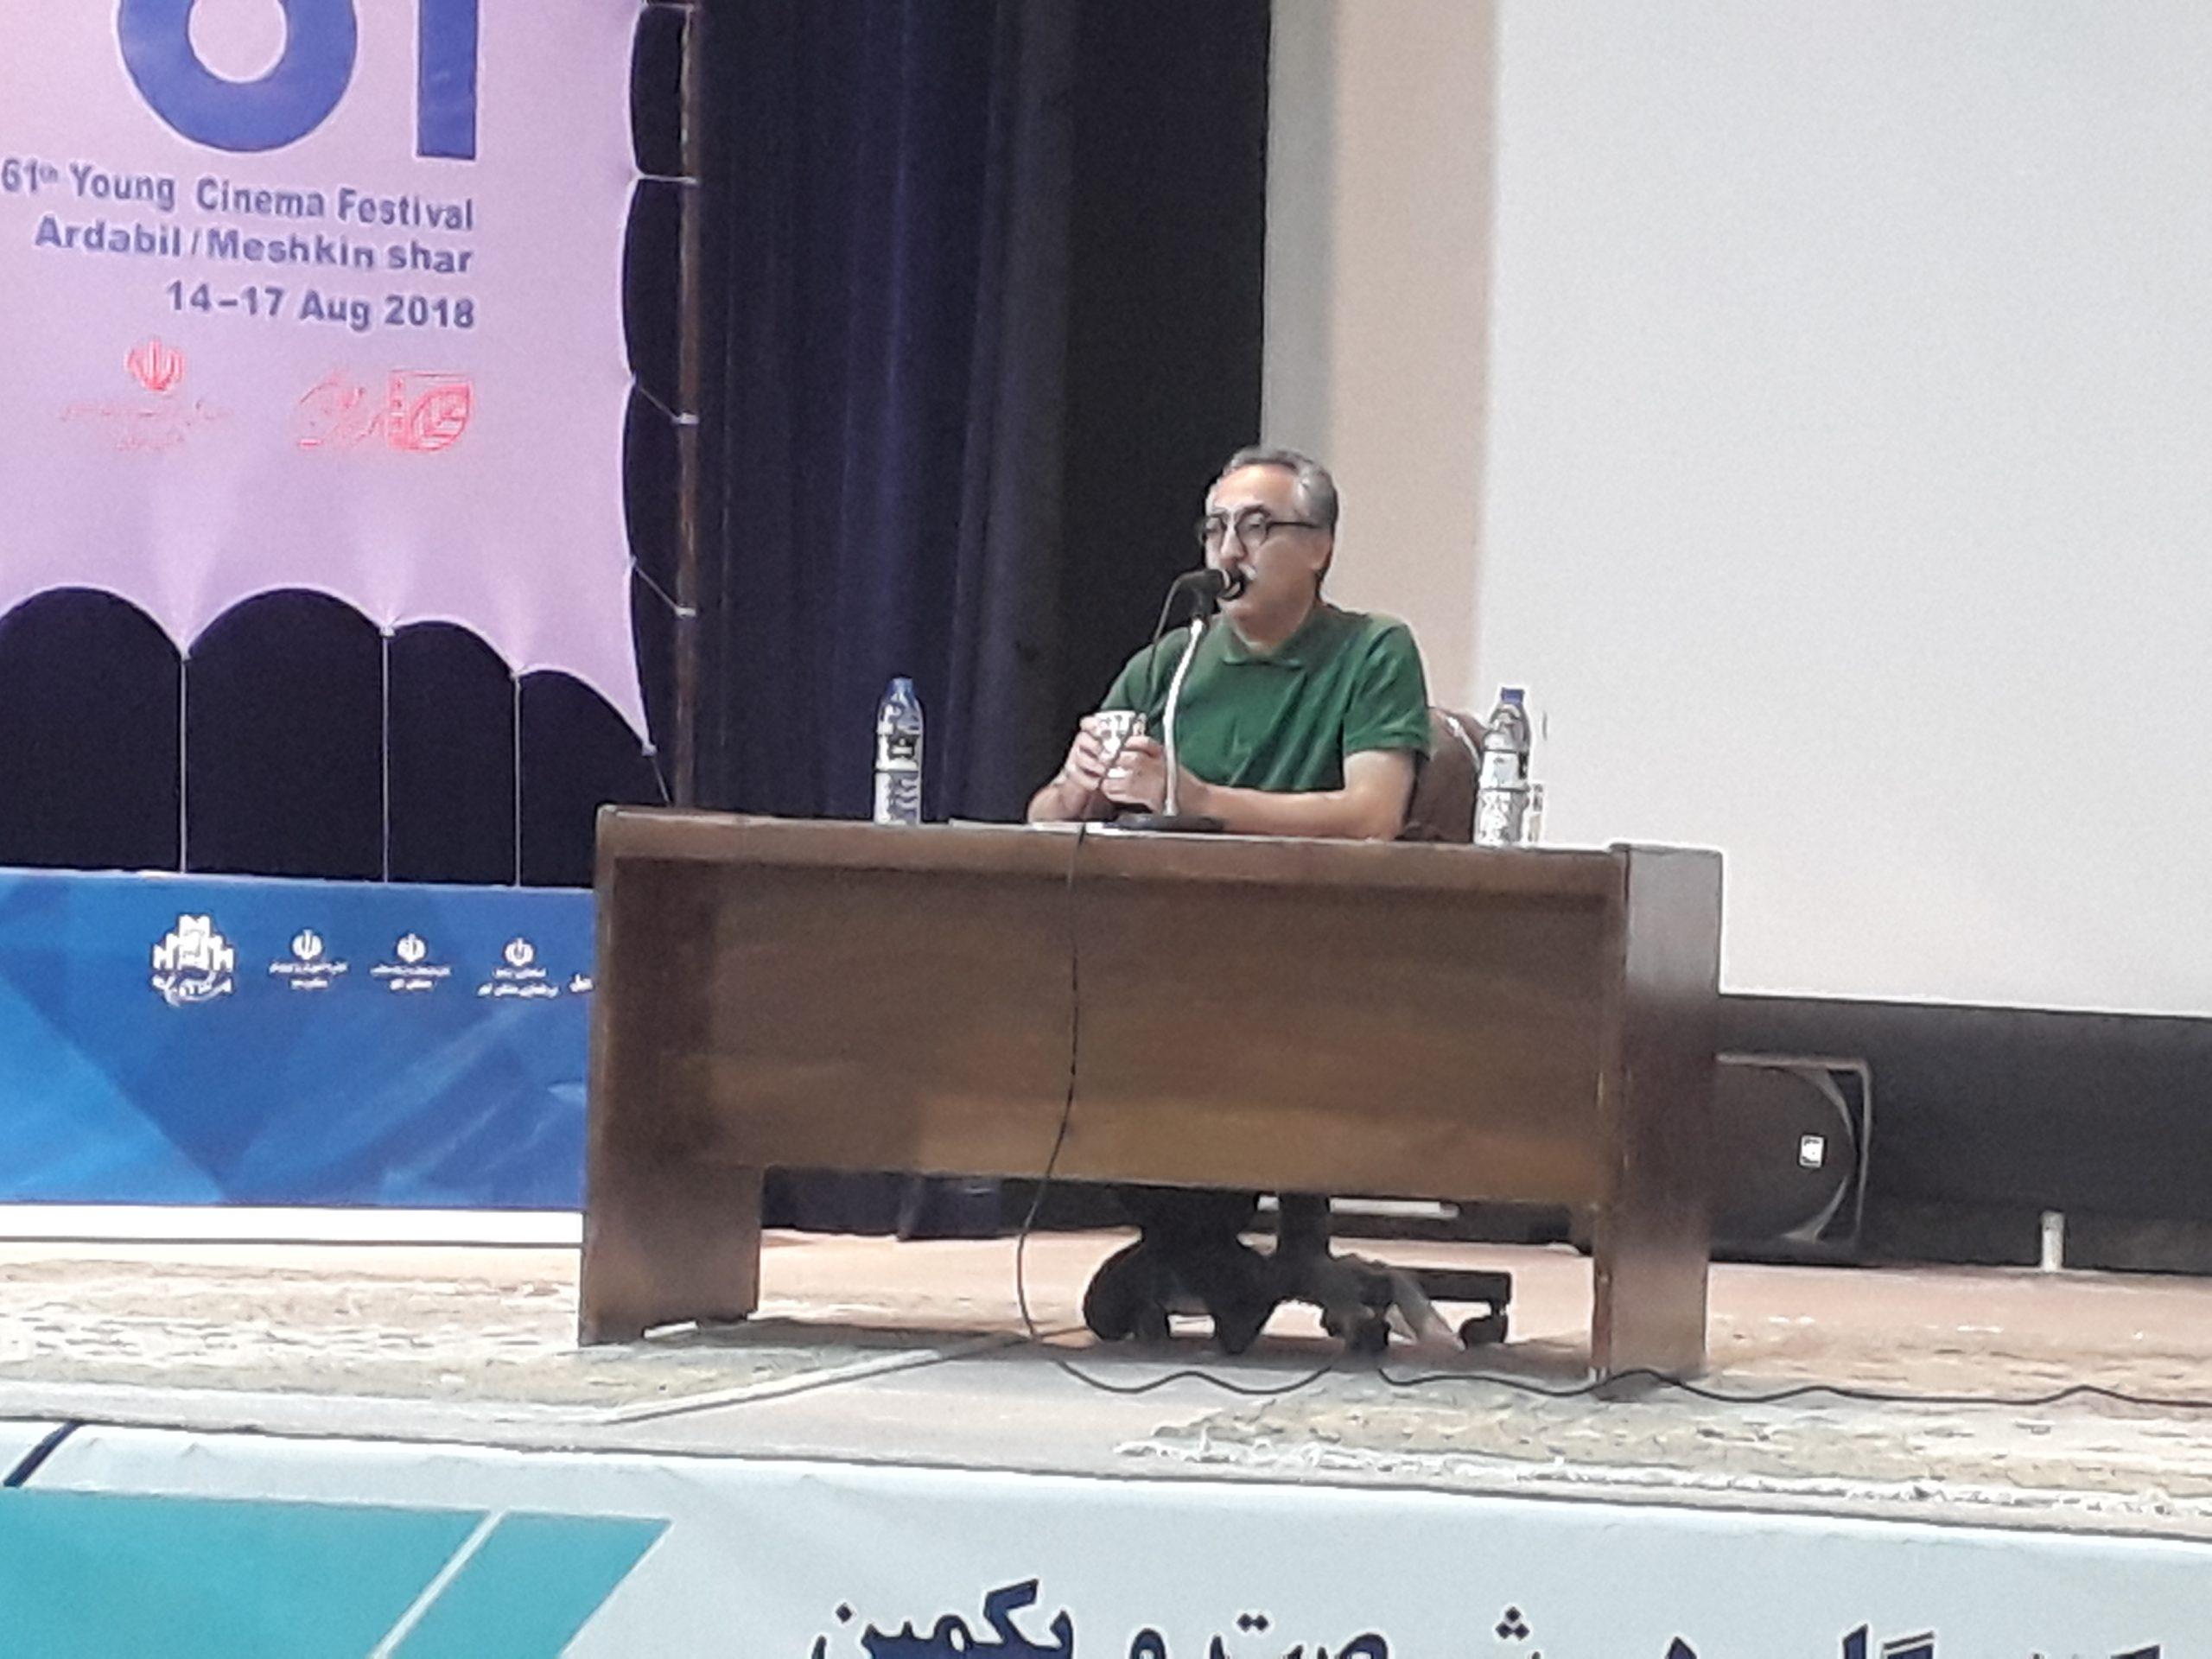 گزراش تصویری سومین روز جشنواره منطقهای اردبیل -مشگین شهر